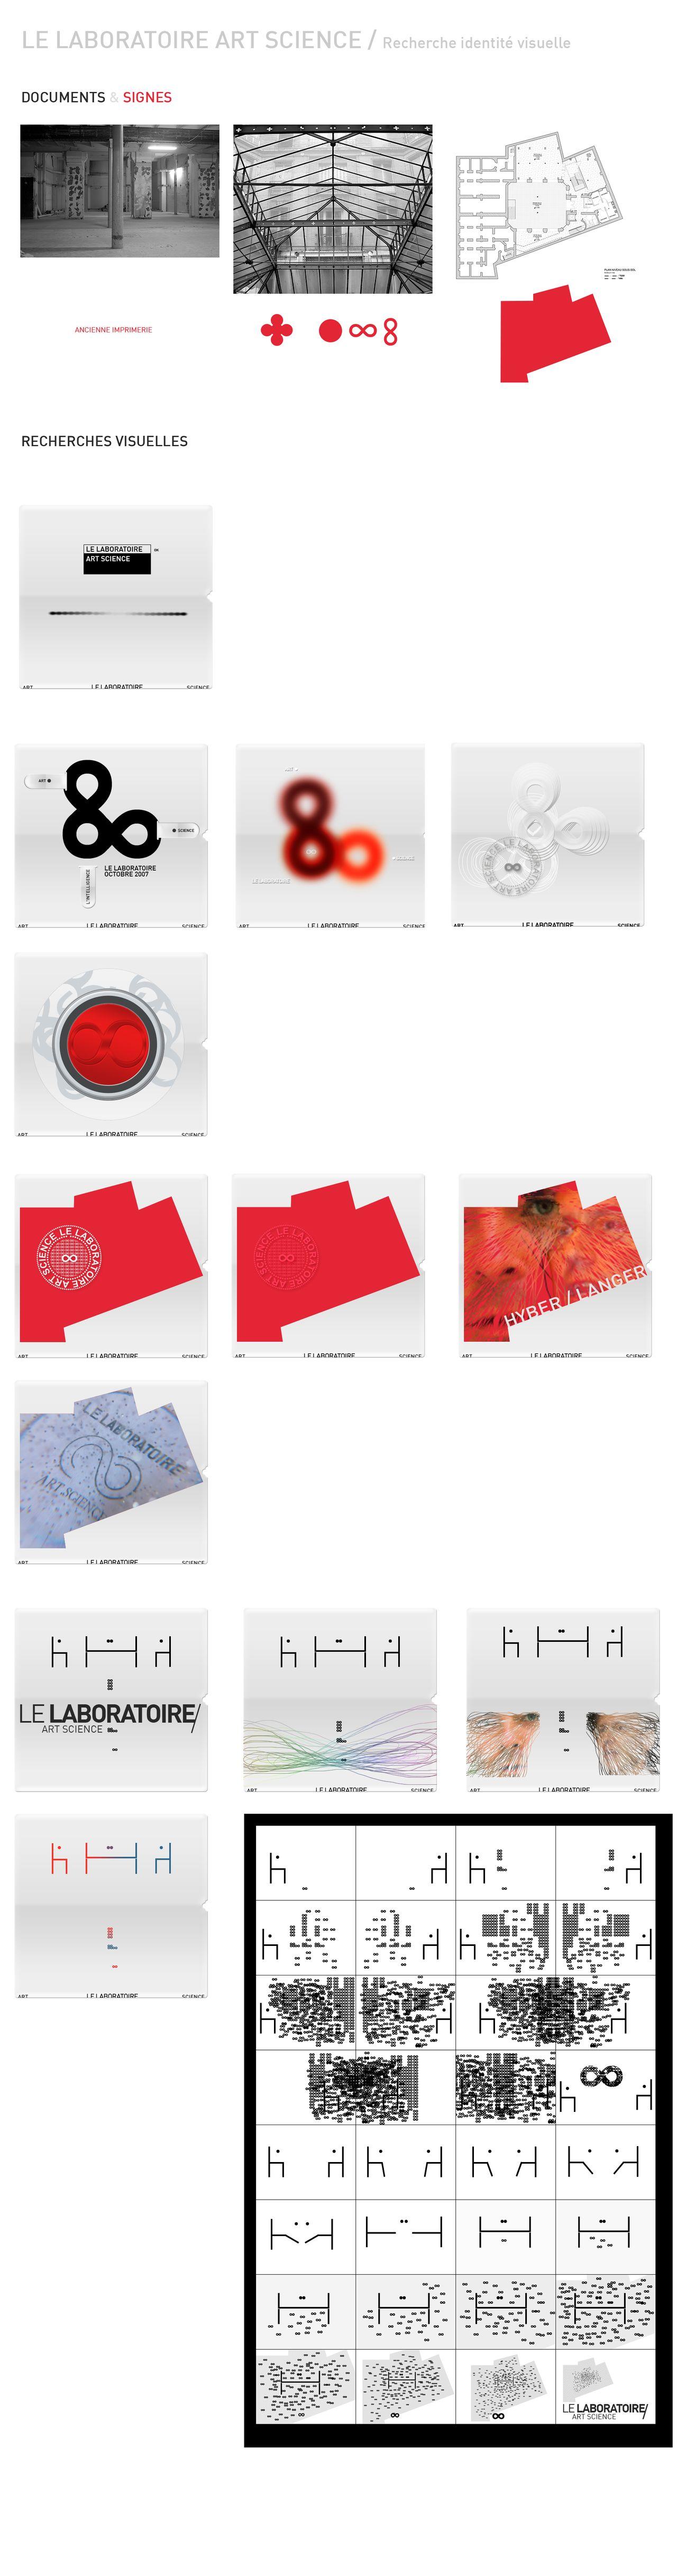 Identité visuelle Le laboratoire art science